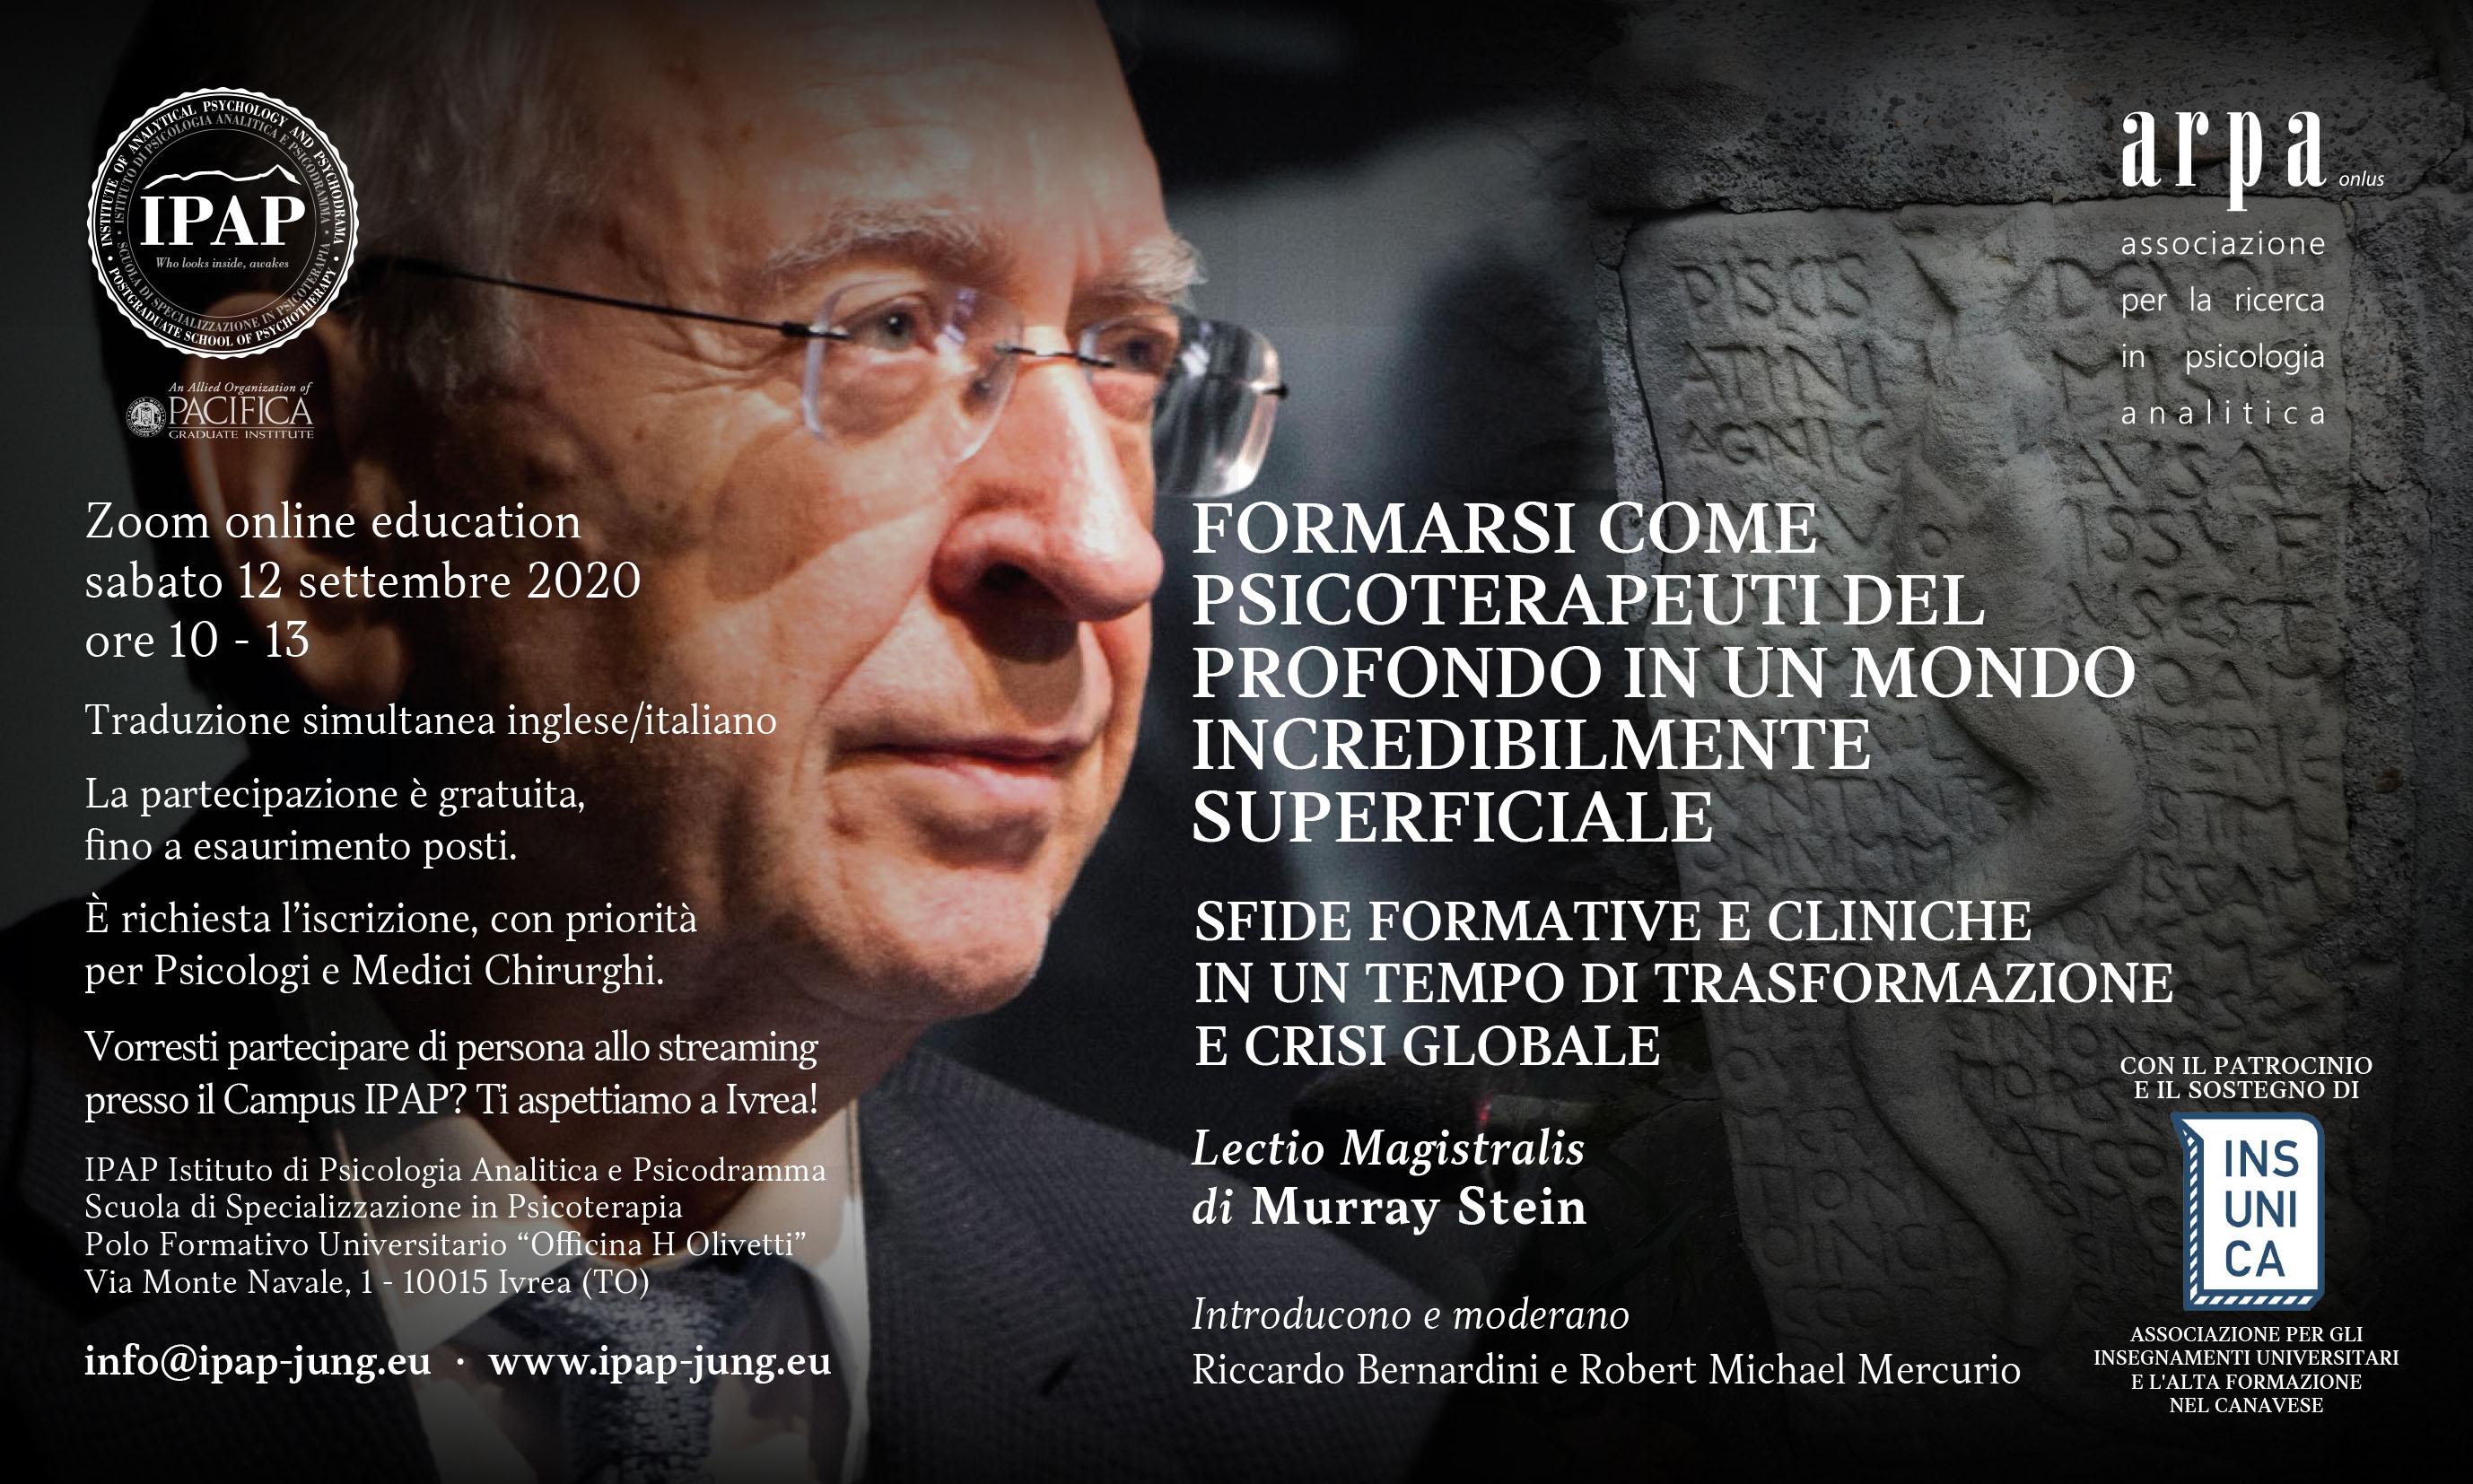 locand_IPAP_Associazione ARPA_ITA